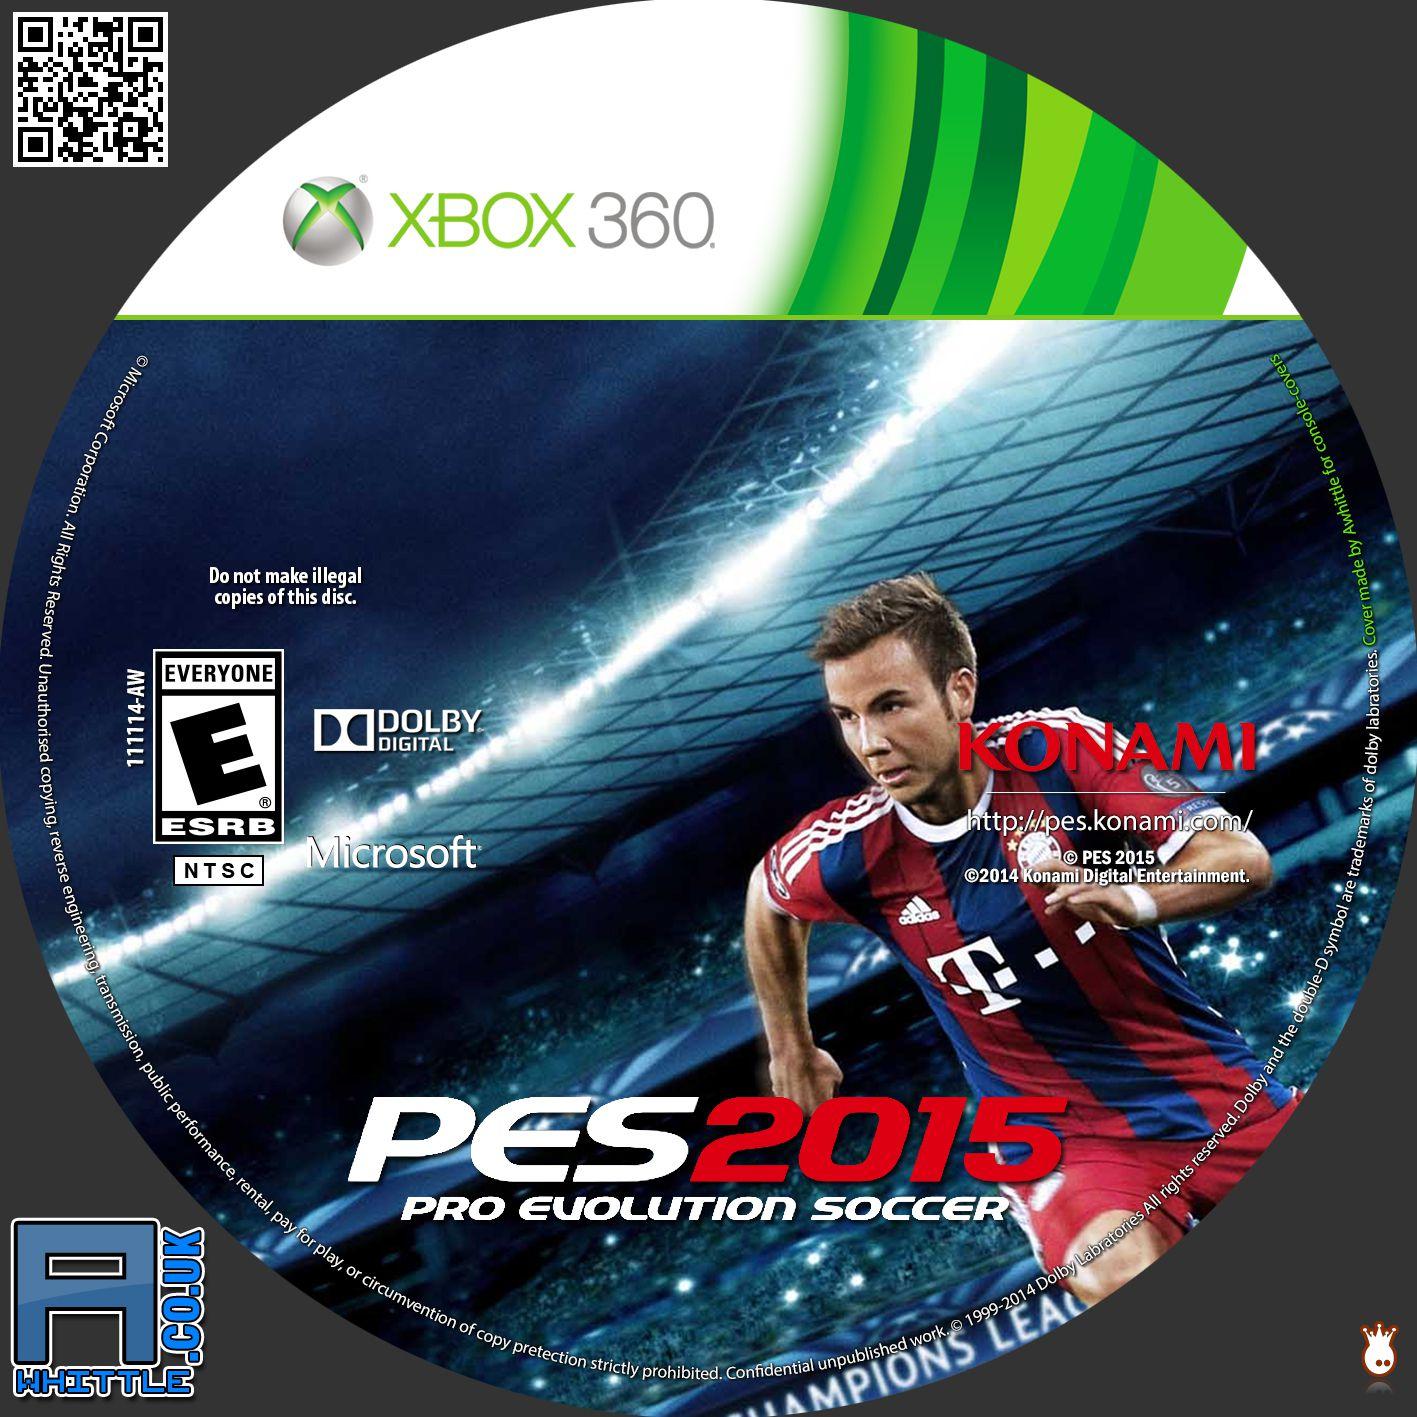 Label PES 2015 Xbox 360